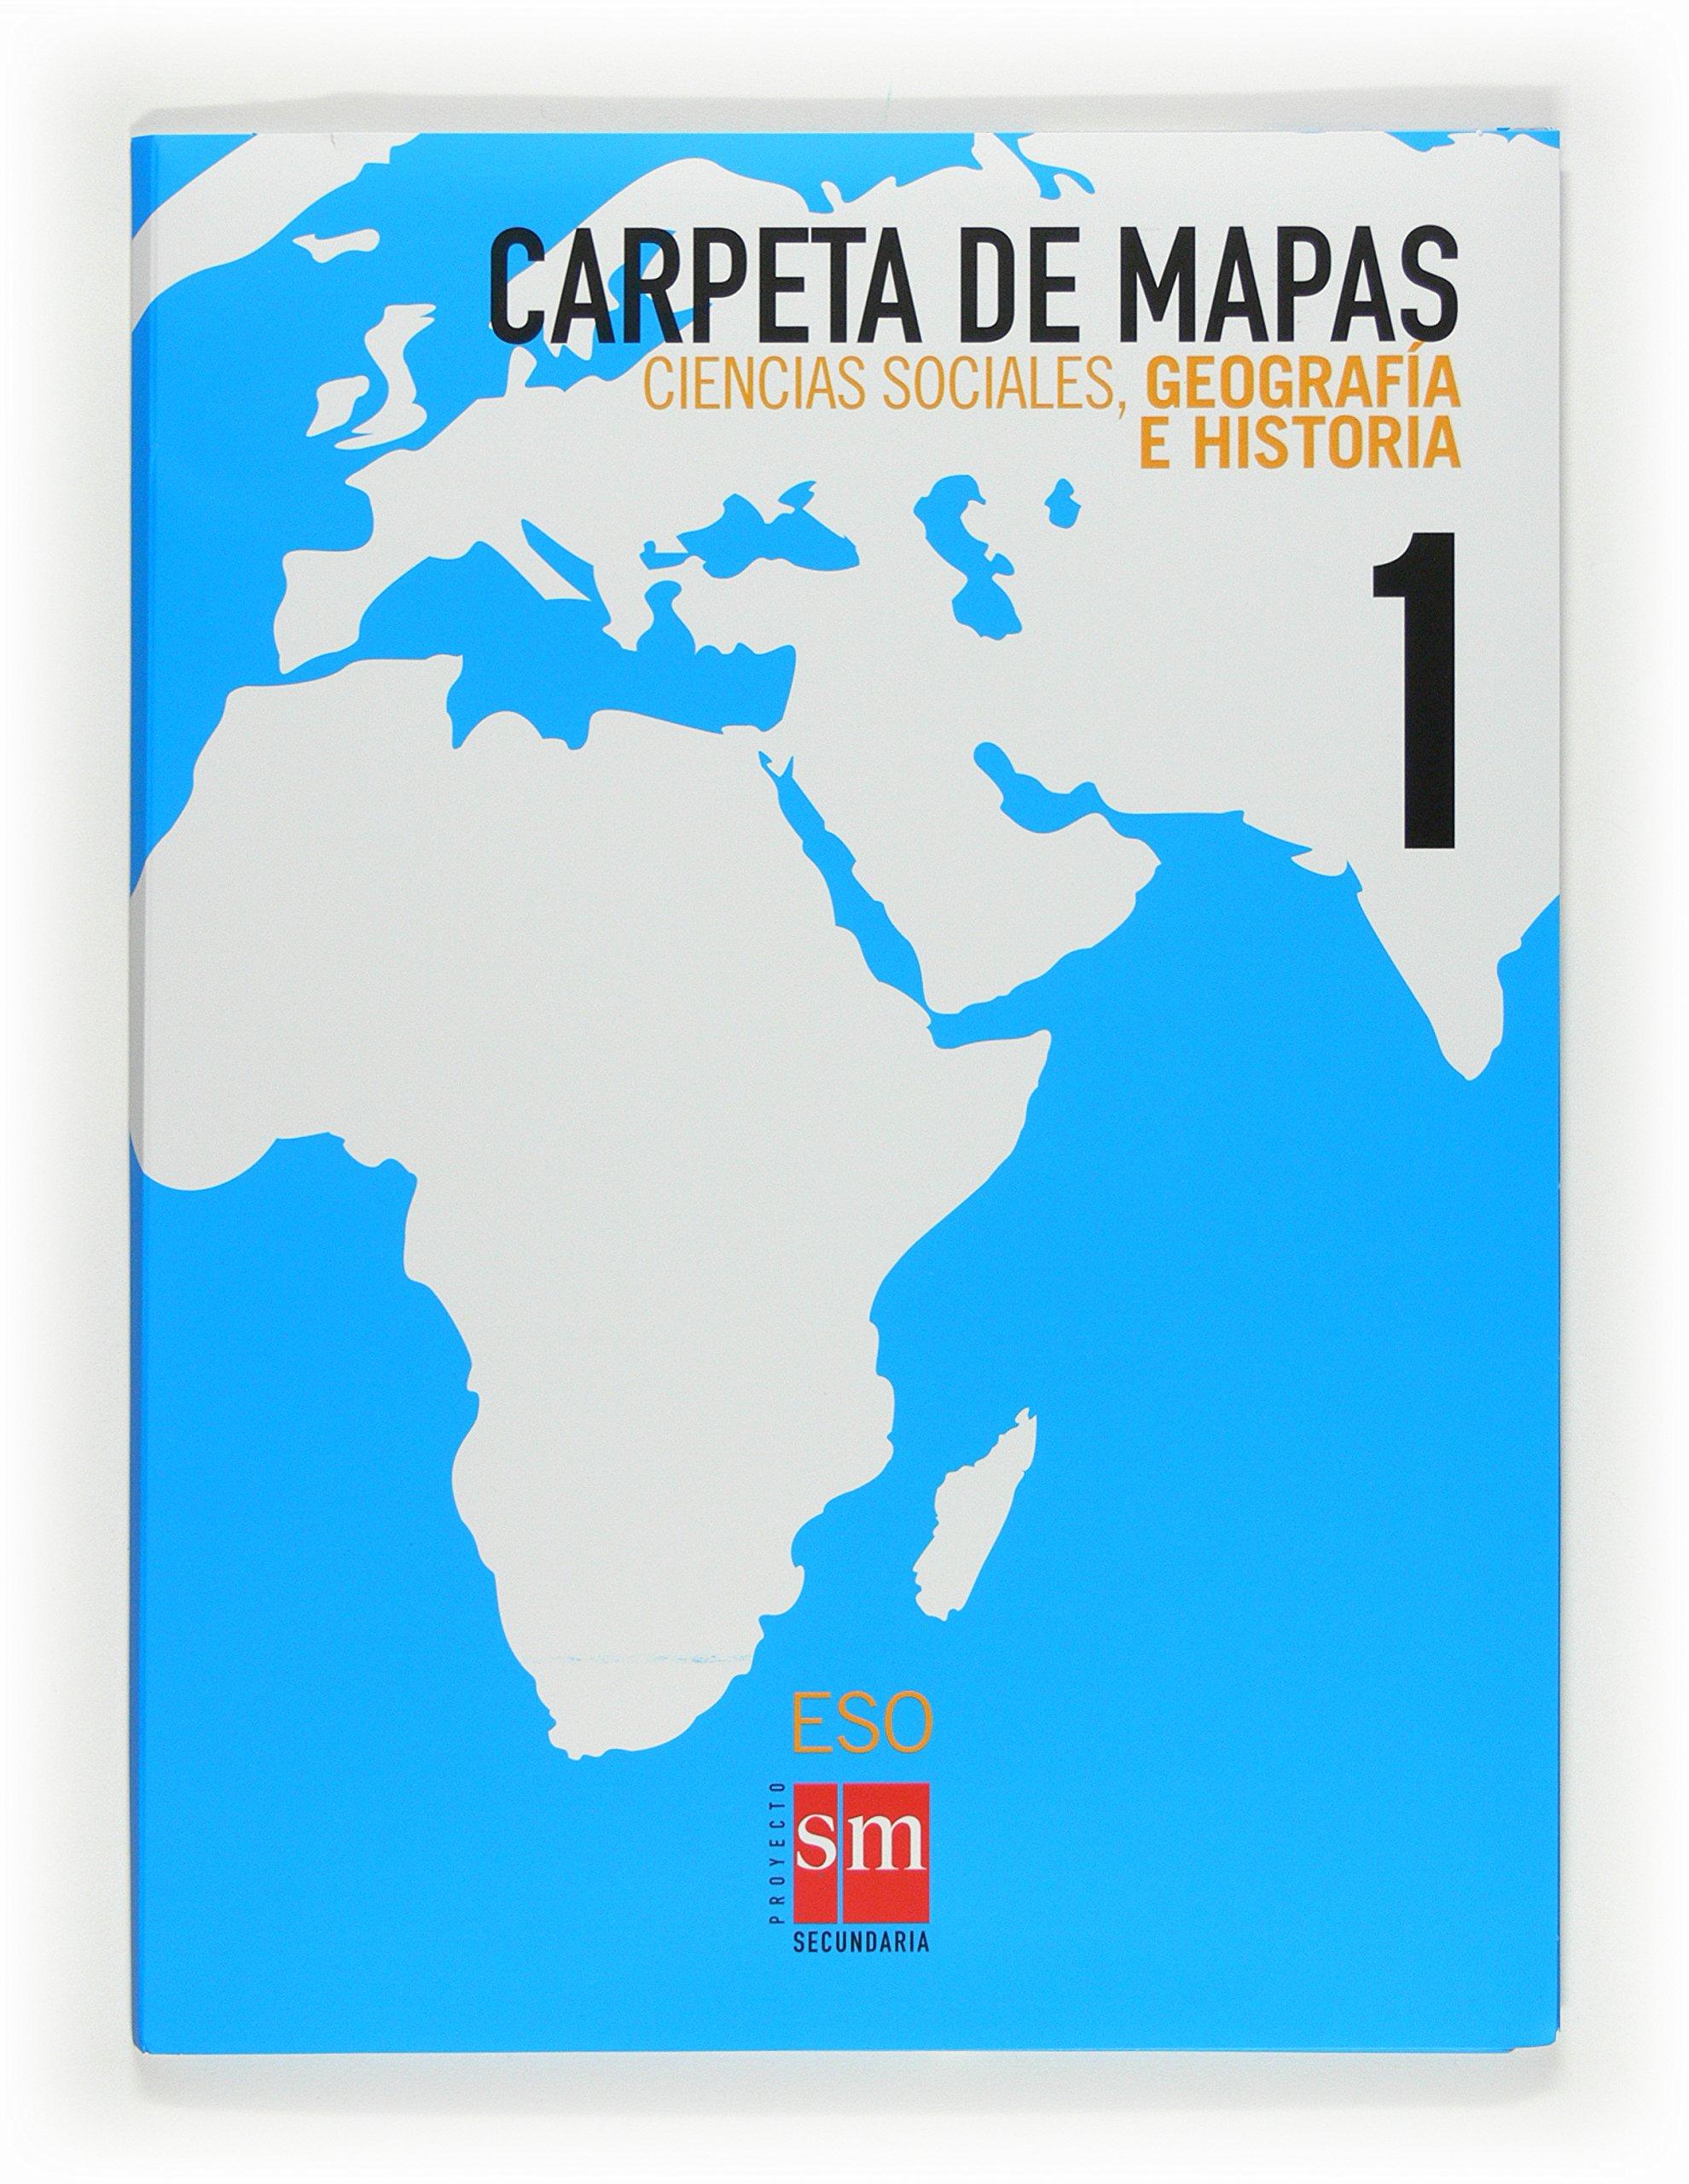 Ciencias sociales, geografía e historia. 1 ESO. Carpeta de mapas - 9788467534184: Amazon.es: Equipo de Educación Secundaria de Ediciones SM,: Libros